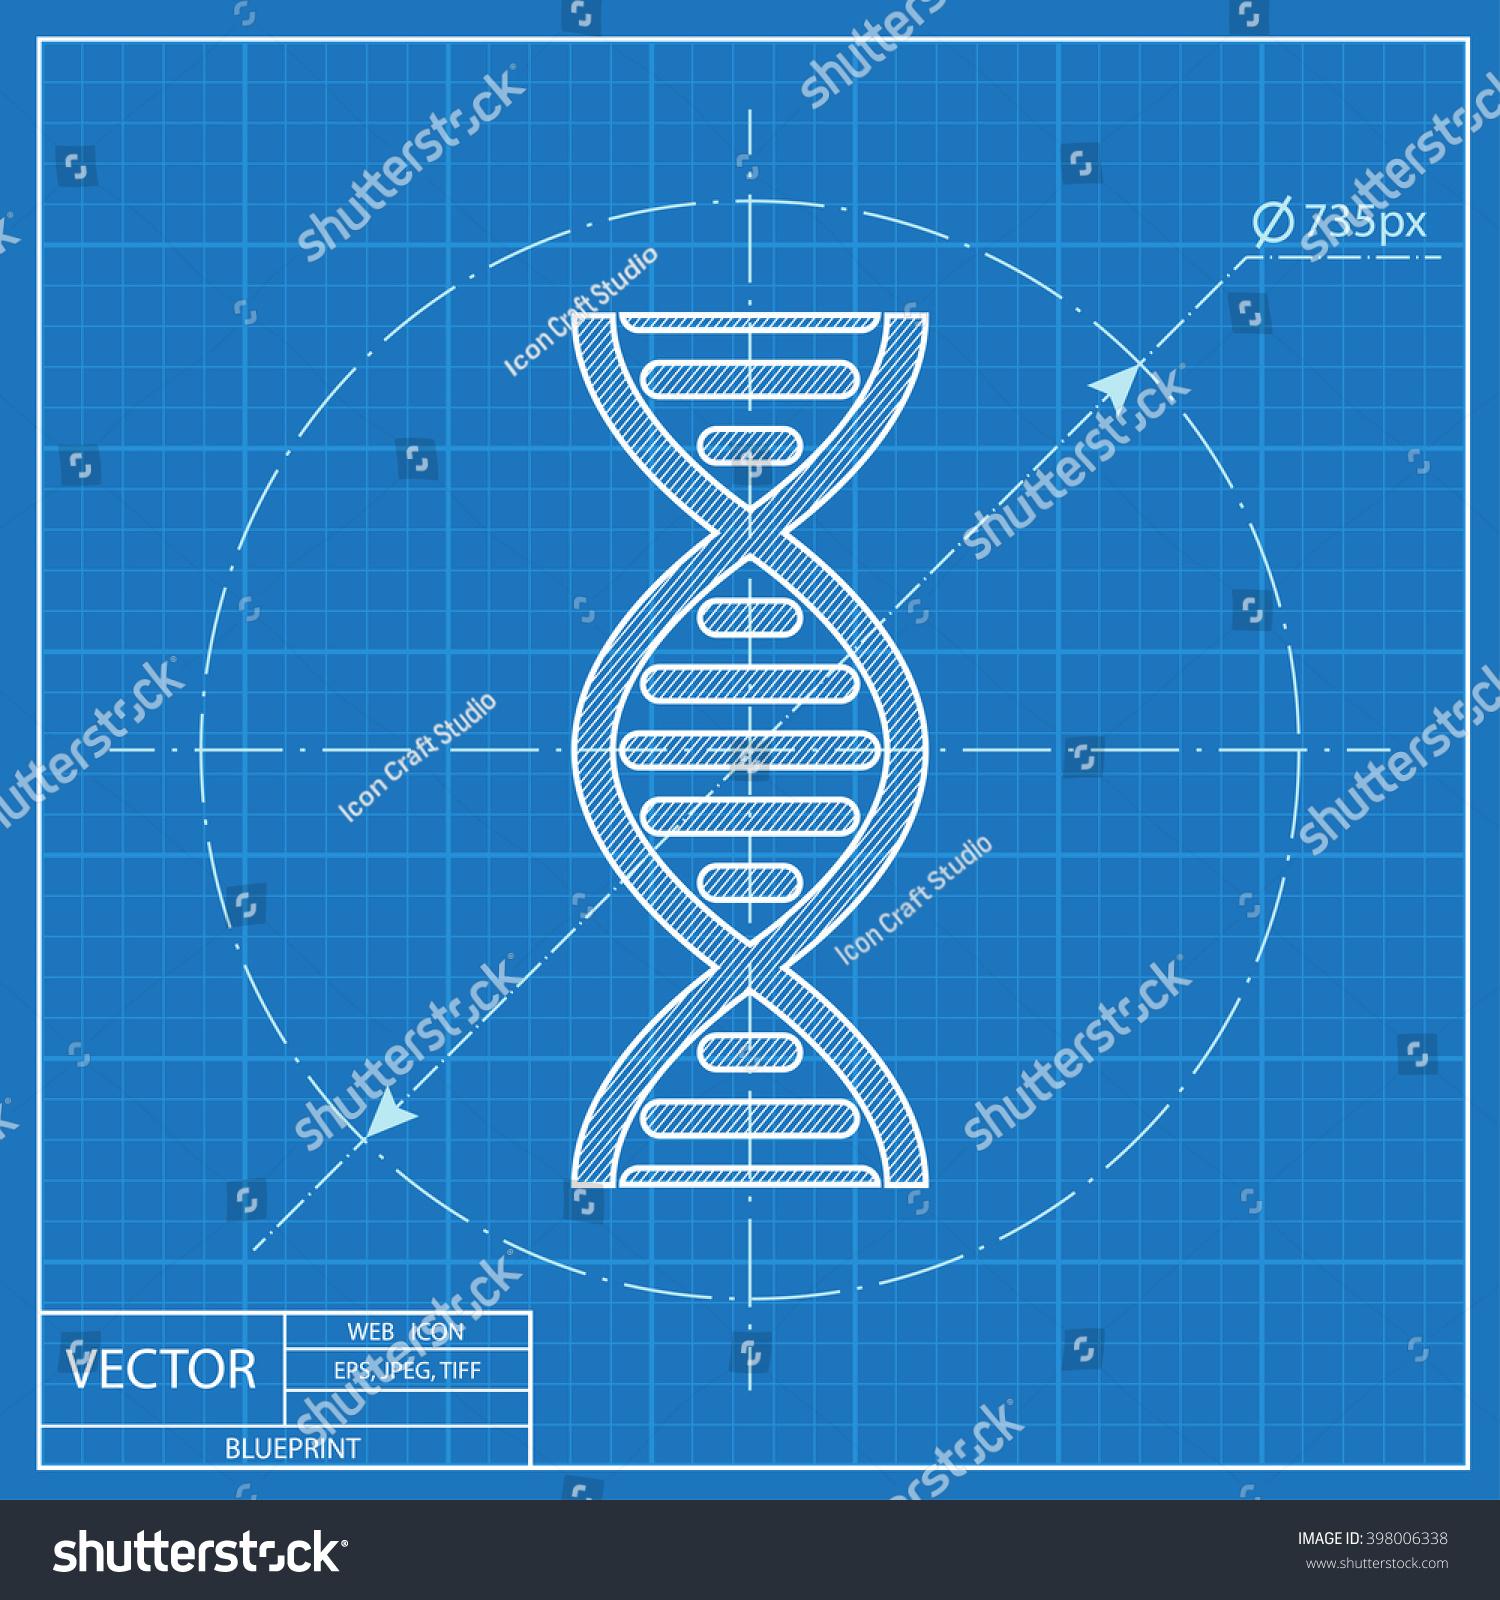 Vector dna molecule blueprint icon vectores en stock 398006338 vector dna molecule blueprint icon malvernweather Choice Image